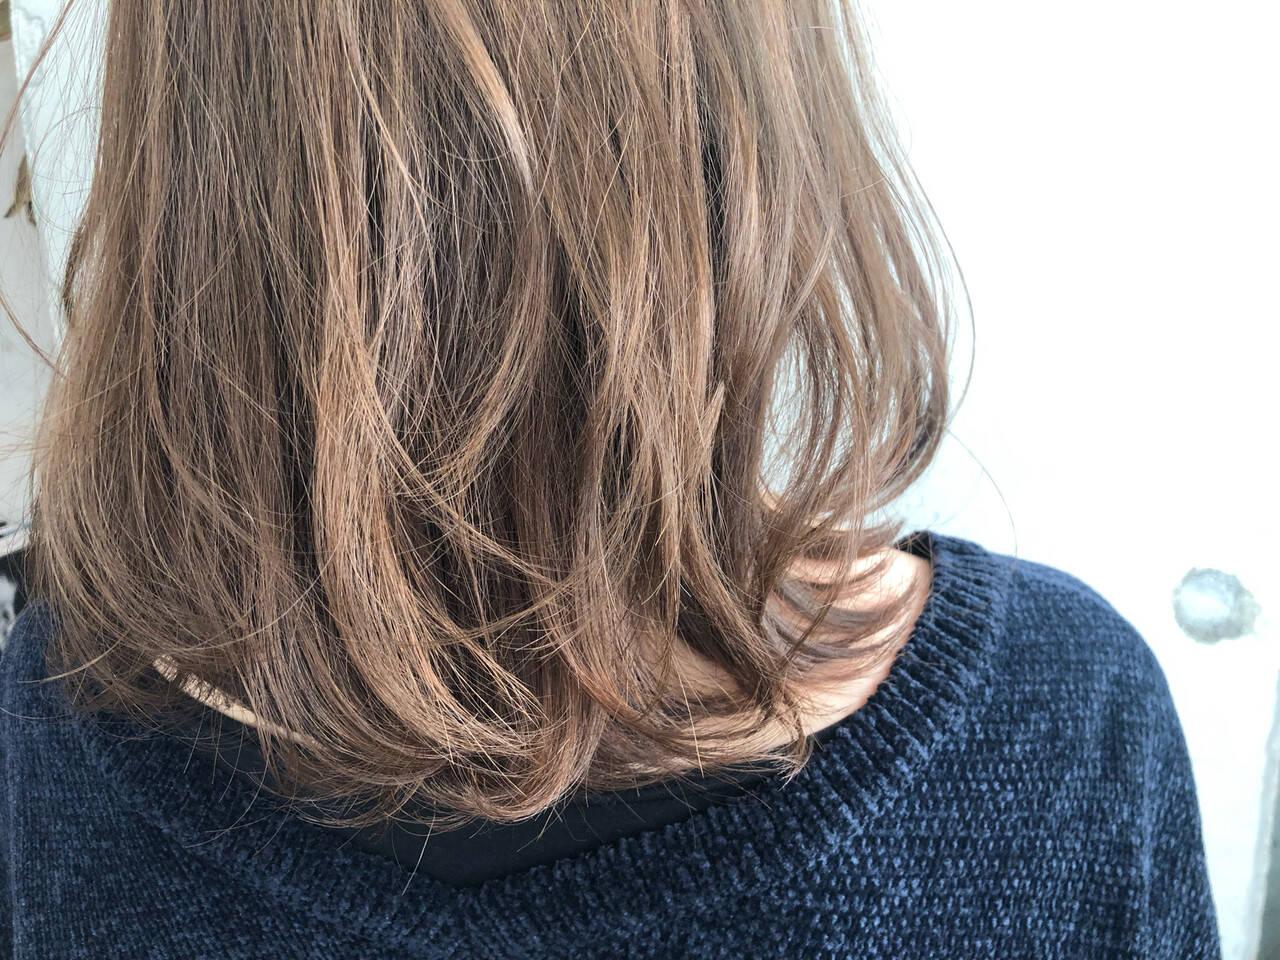 ナチュラル イルミナカラー ヘアカラー ミディアムヘアスタイルや髪型の写真・画像